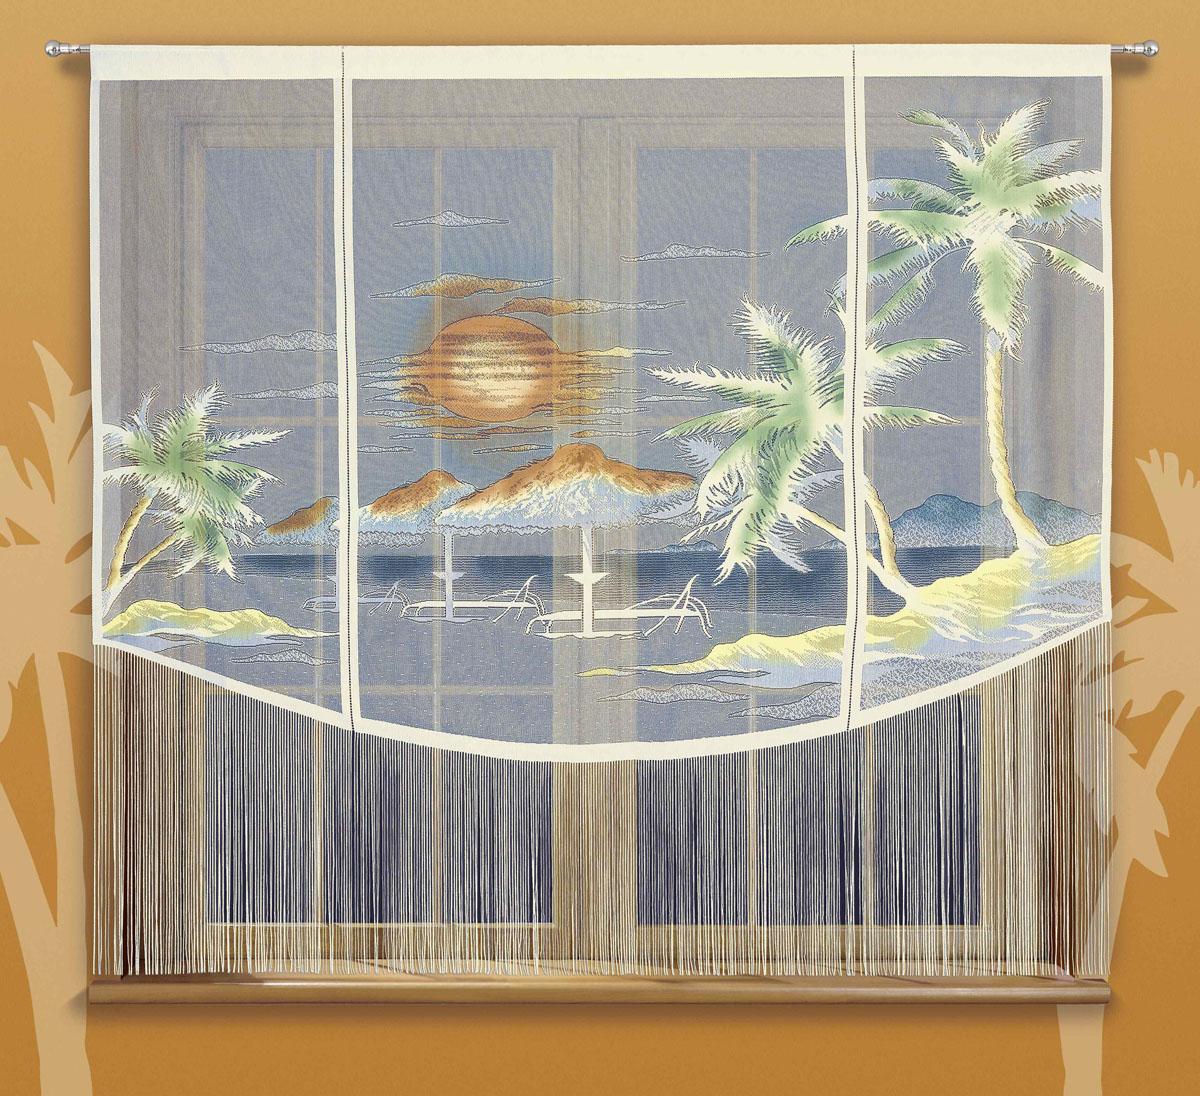 Гардина Karaiby, на кулиске, цвет: кремовый, высота 180 см724789Гардина Karaiby, изготовленная из полиэстера кремового цвета, станет великолепным украшением любого окна. Нижняя часть гардины декорирована бахромой. Тонкое плетение и рисунок в виде моря и пляжа привлекут к себе внимание и органично впишутся в интерьер. Верхняя часть гардины оснащена кулиской для крепления на круглый карниз.